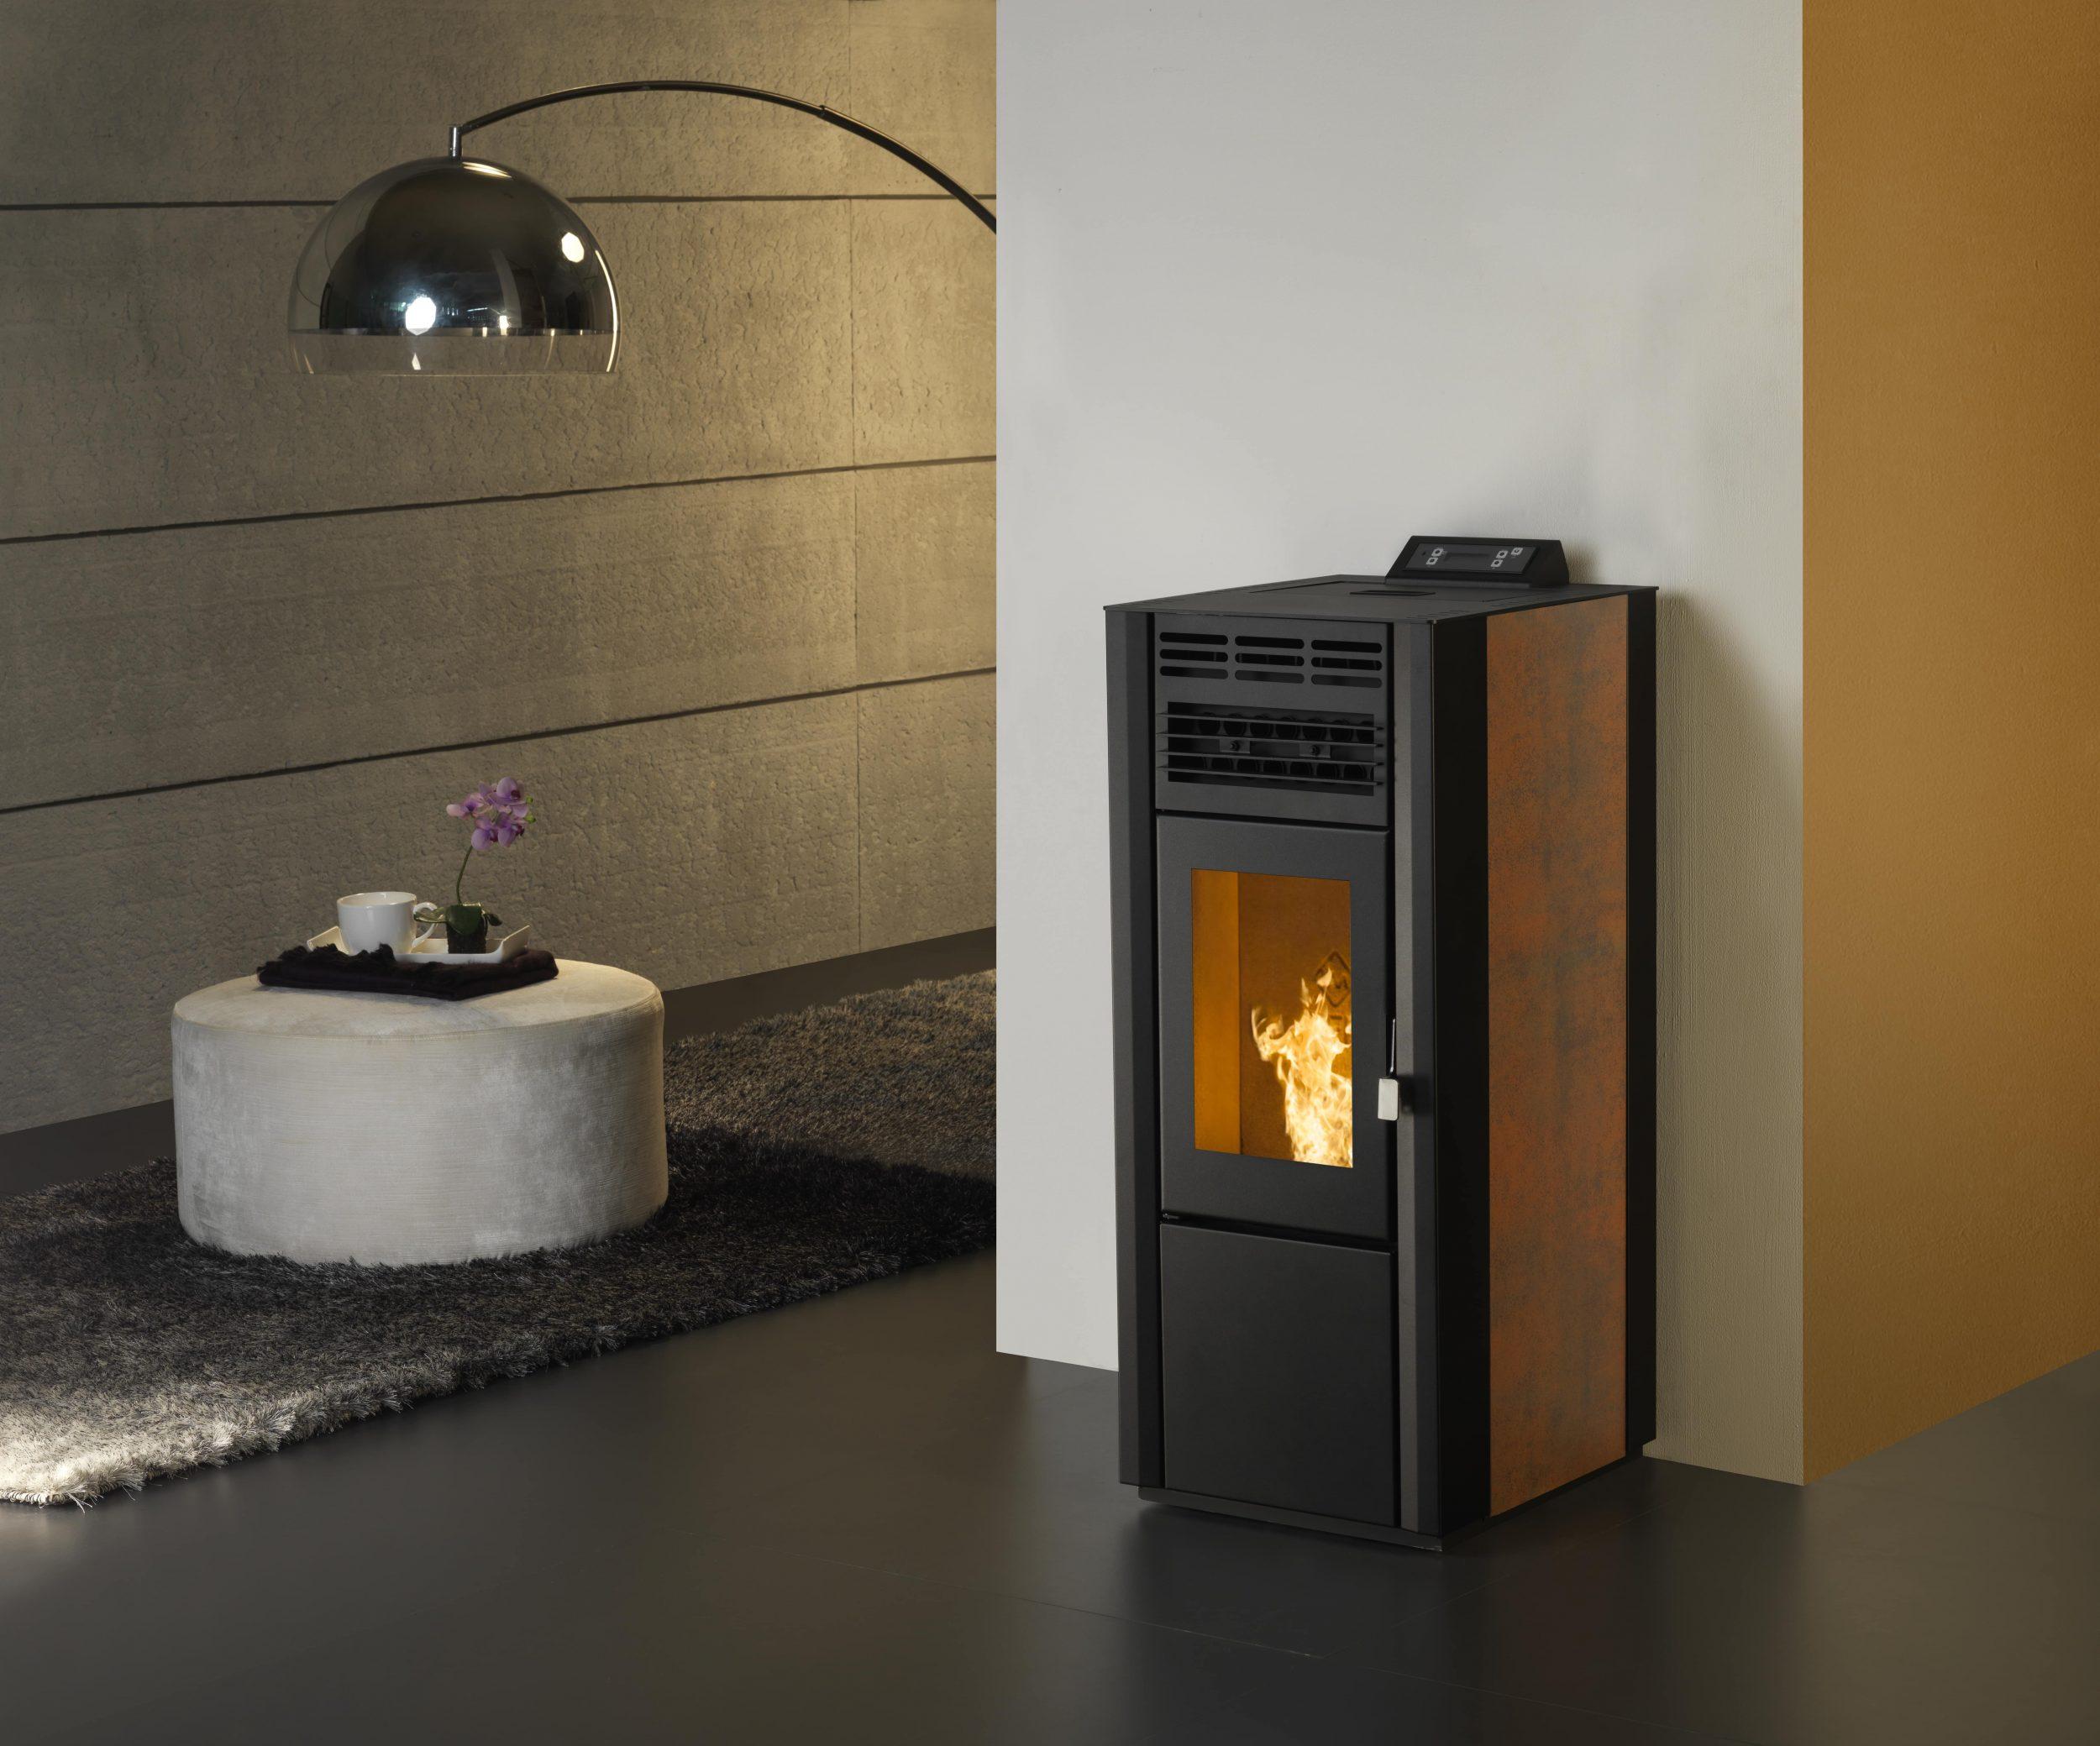 Salamandra/estufa a pellets para aquecimento local, modelo Stone da TEK Biomasse com placas laterais em corten